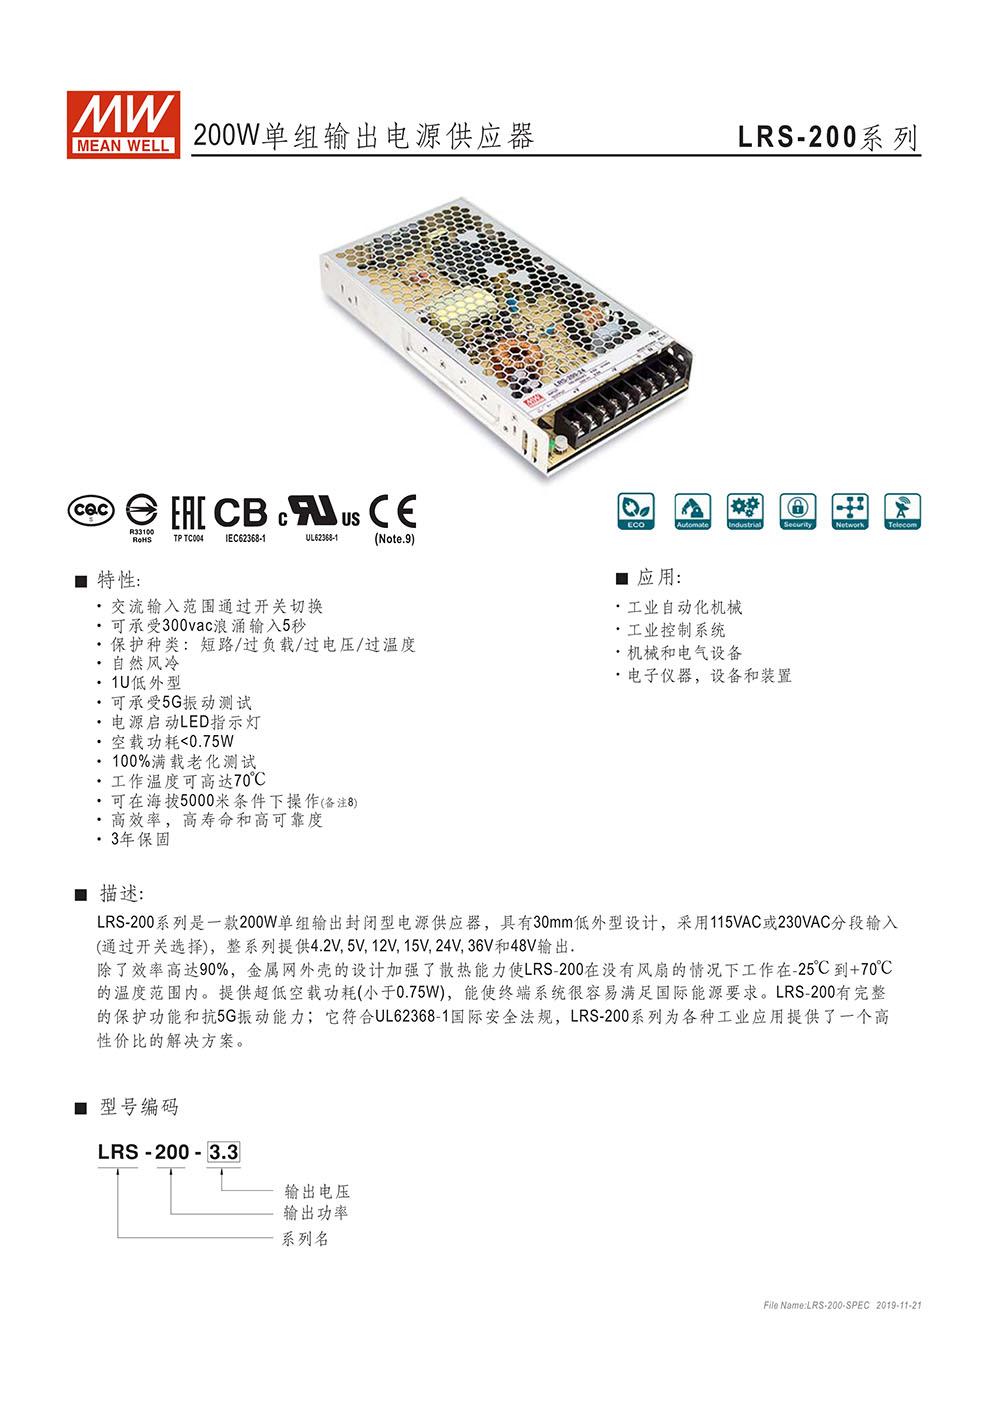 LRS-200-SPEC-CN_1.jpg